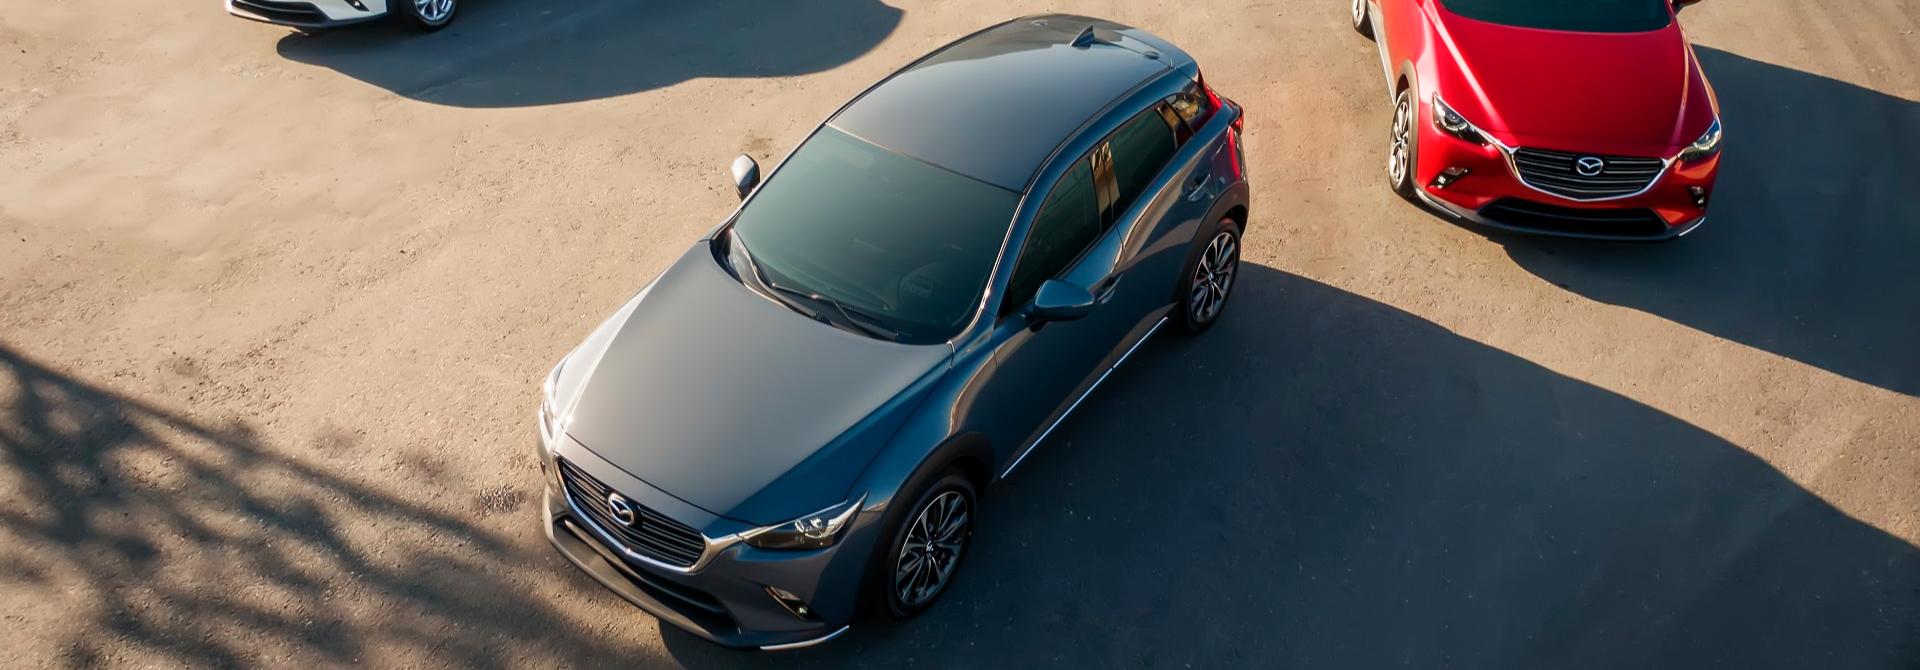 Mazda CX-3: SUV đô thị mới lần đầu tiên phân phối tại Việt Nam